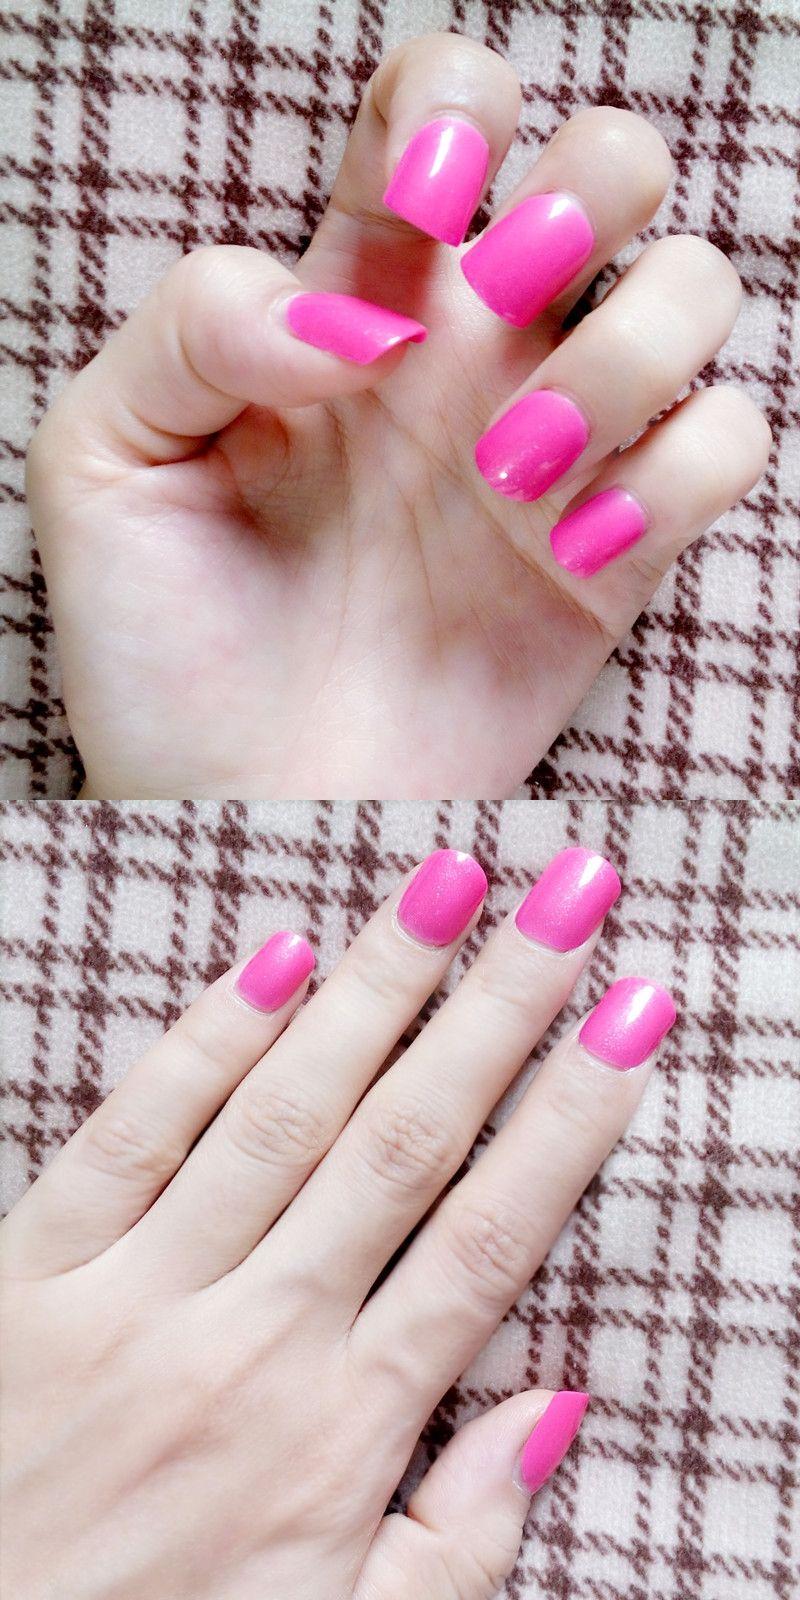 Short Fake Nails Candy Rose Red Pink Lady False Nail Tips Natural ...